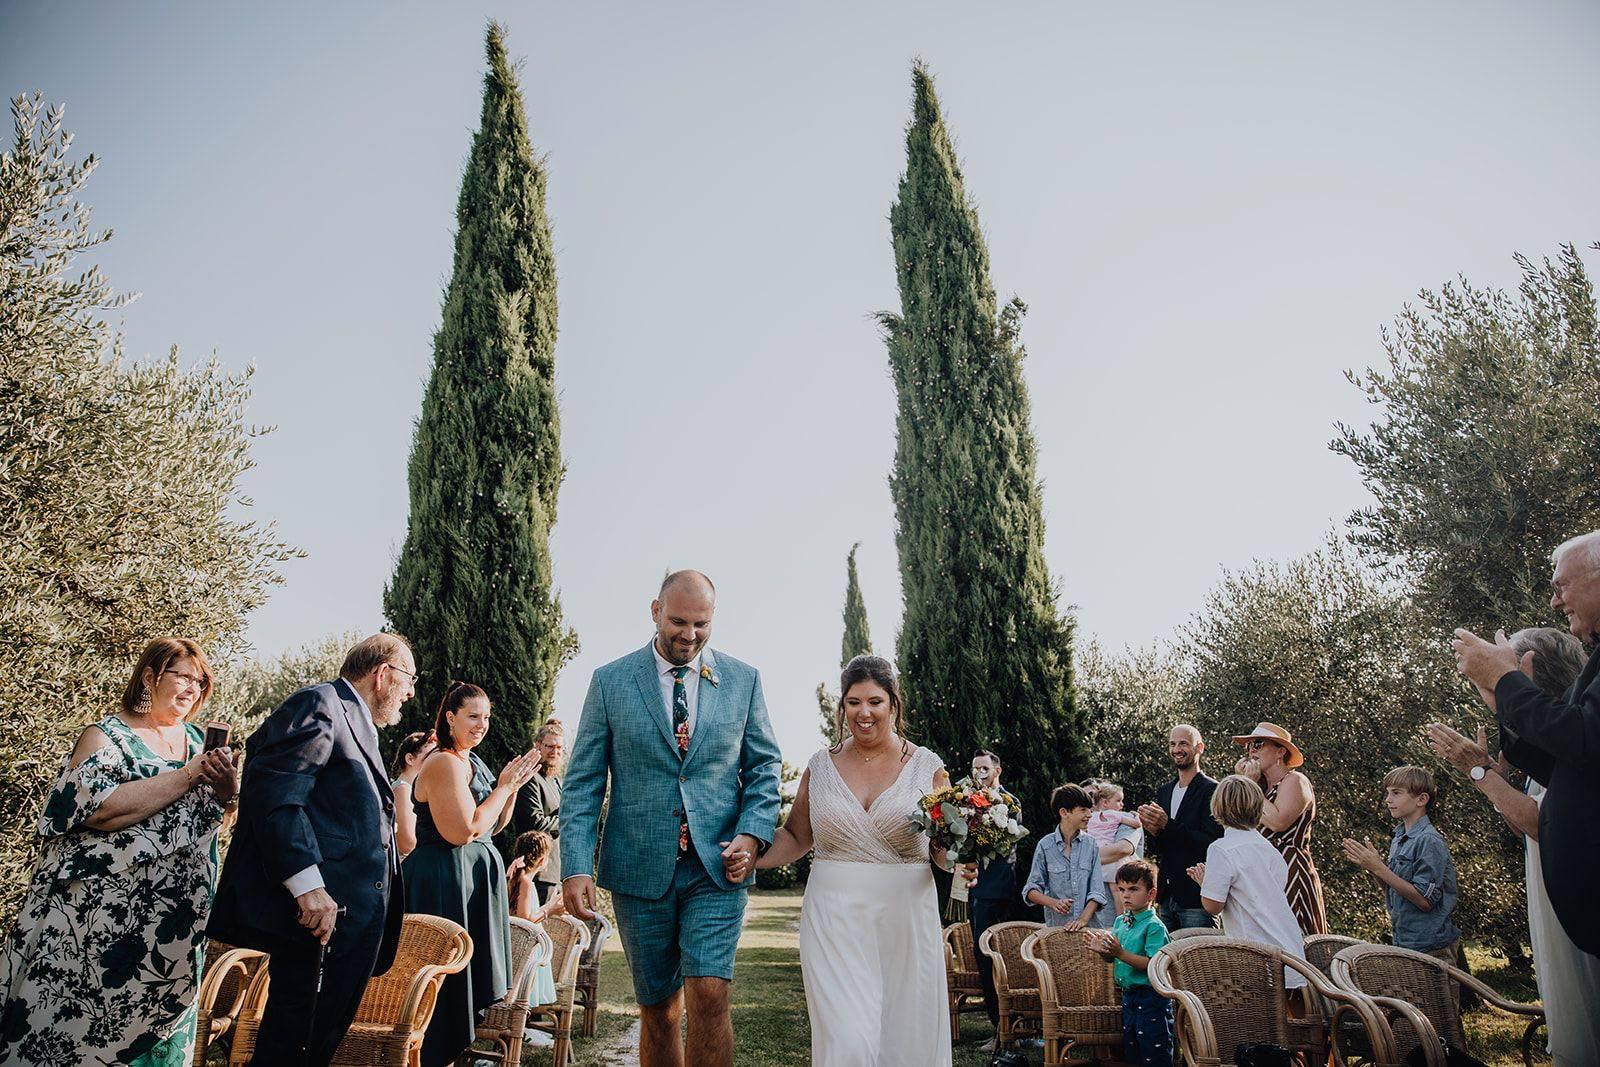 Event'L Ceremonie - Fotograaf Lux Visual Storytellers - House of Weddings 17